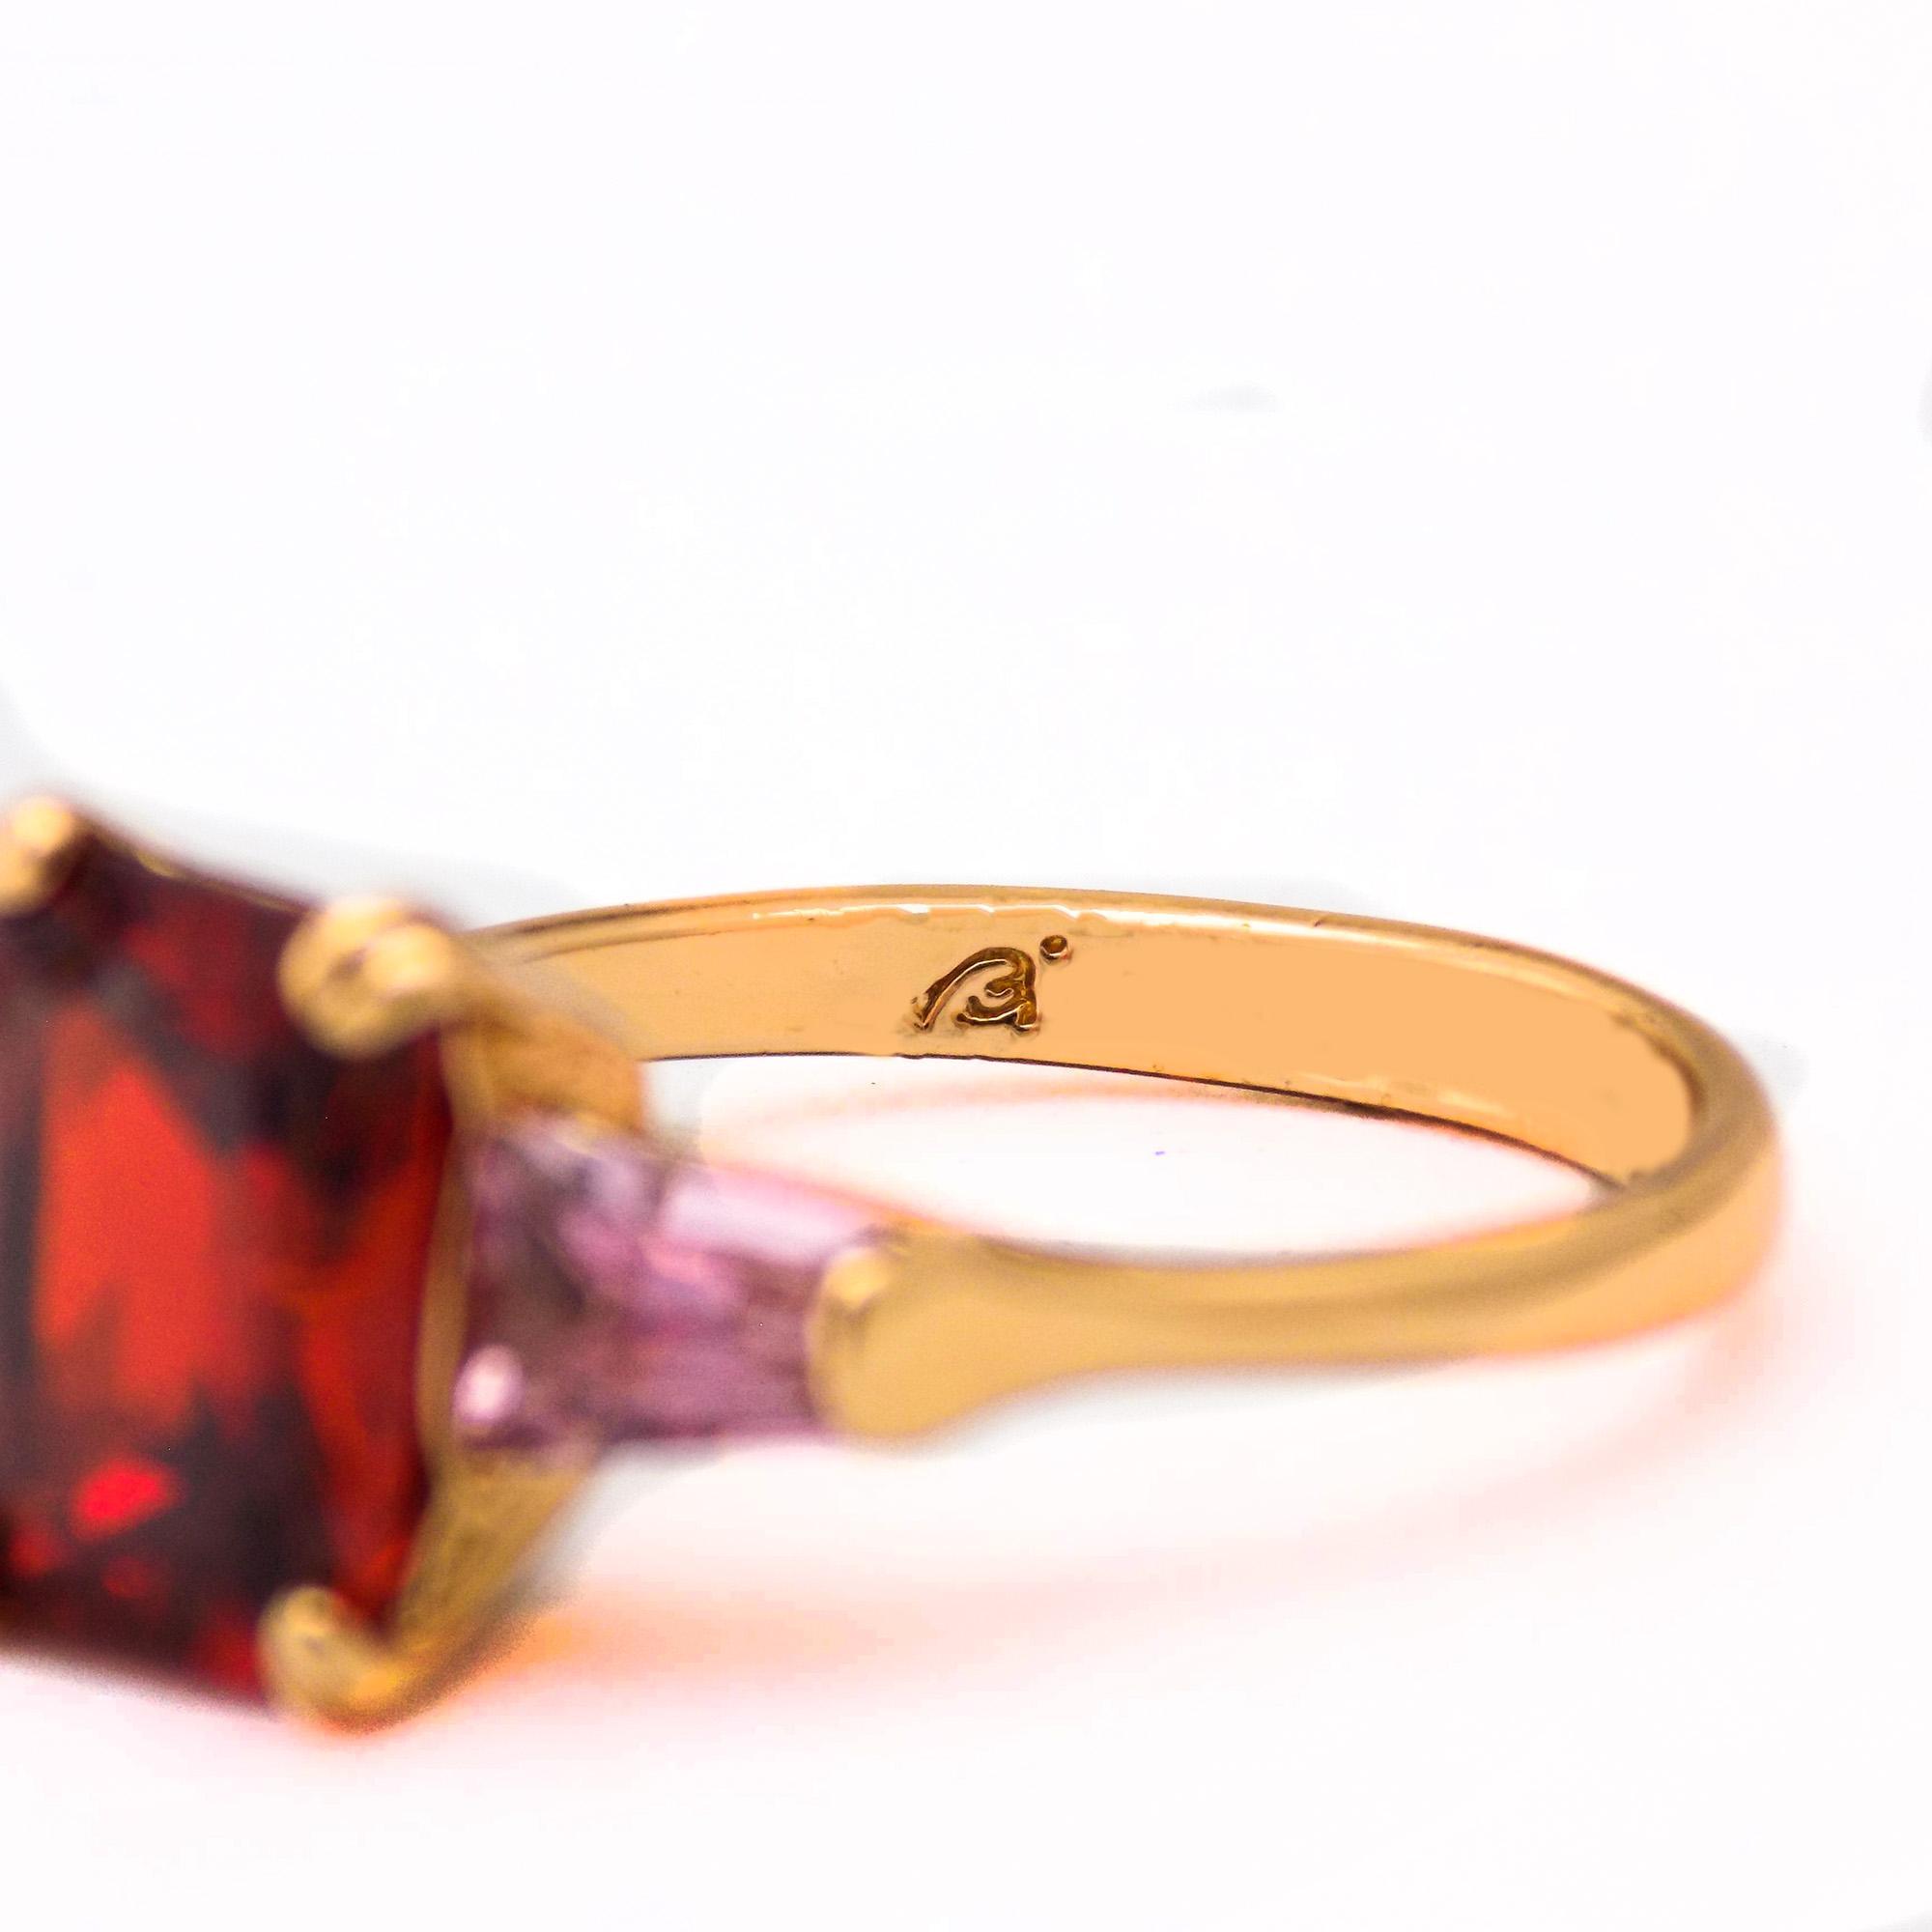 انگشتر دخترانه ژوپینگ نگین قرمز و صورتی rg-n348 از نمای داخل